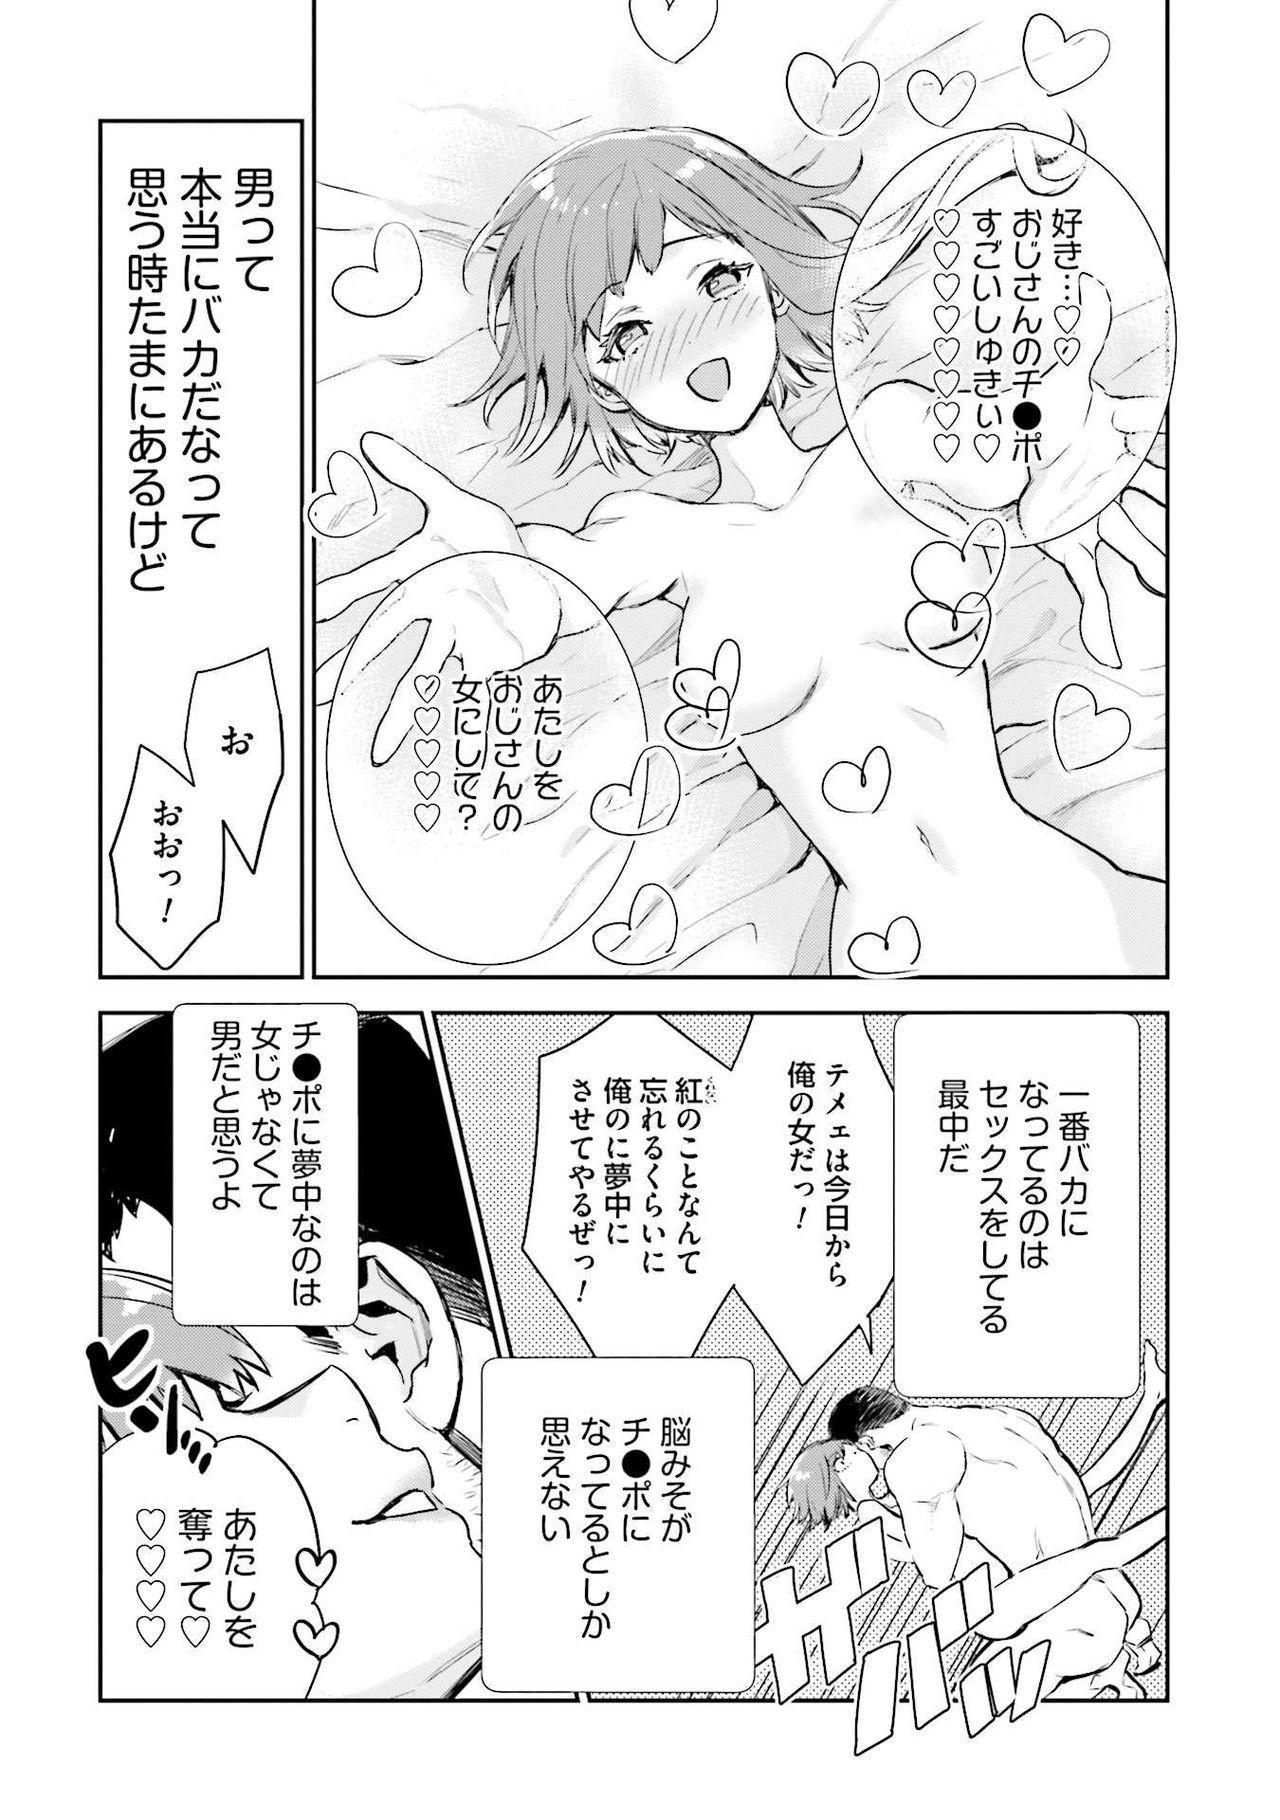 JK Haru wa Isekai de Shoufu ni Natta 1-14 165